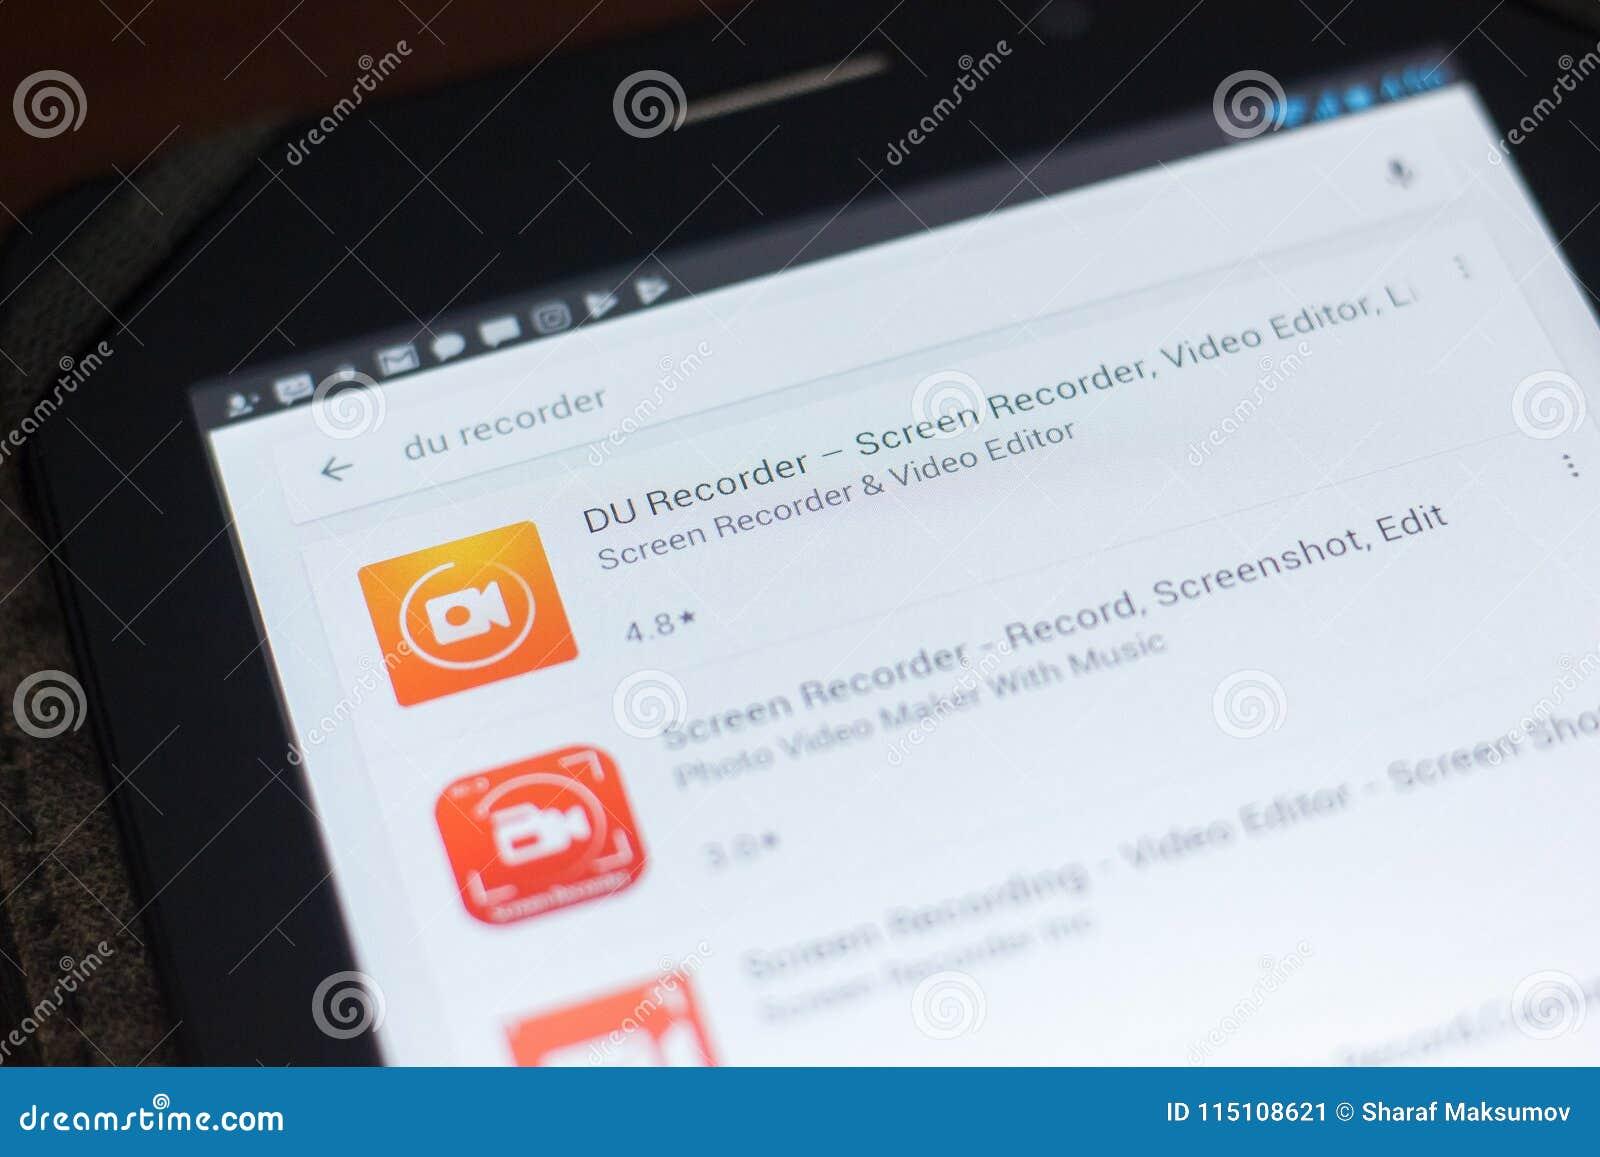 Ryazan, Rusland - April 19, 2018 - DU Screen Recorder pictogram op de lijst van mobiele apps